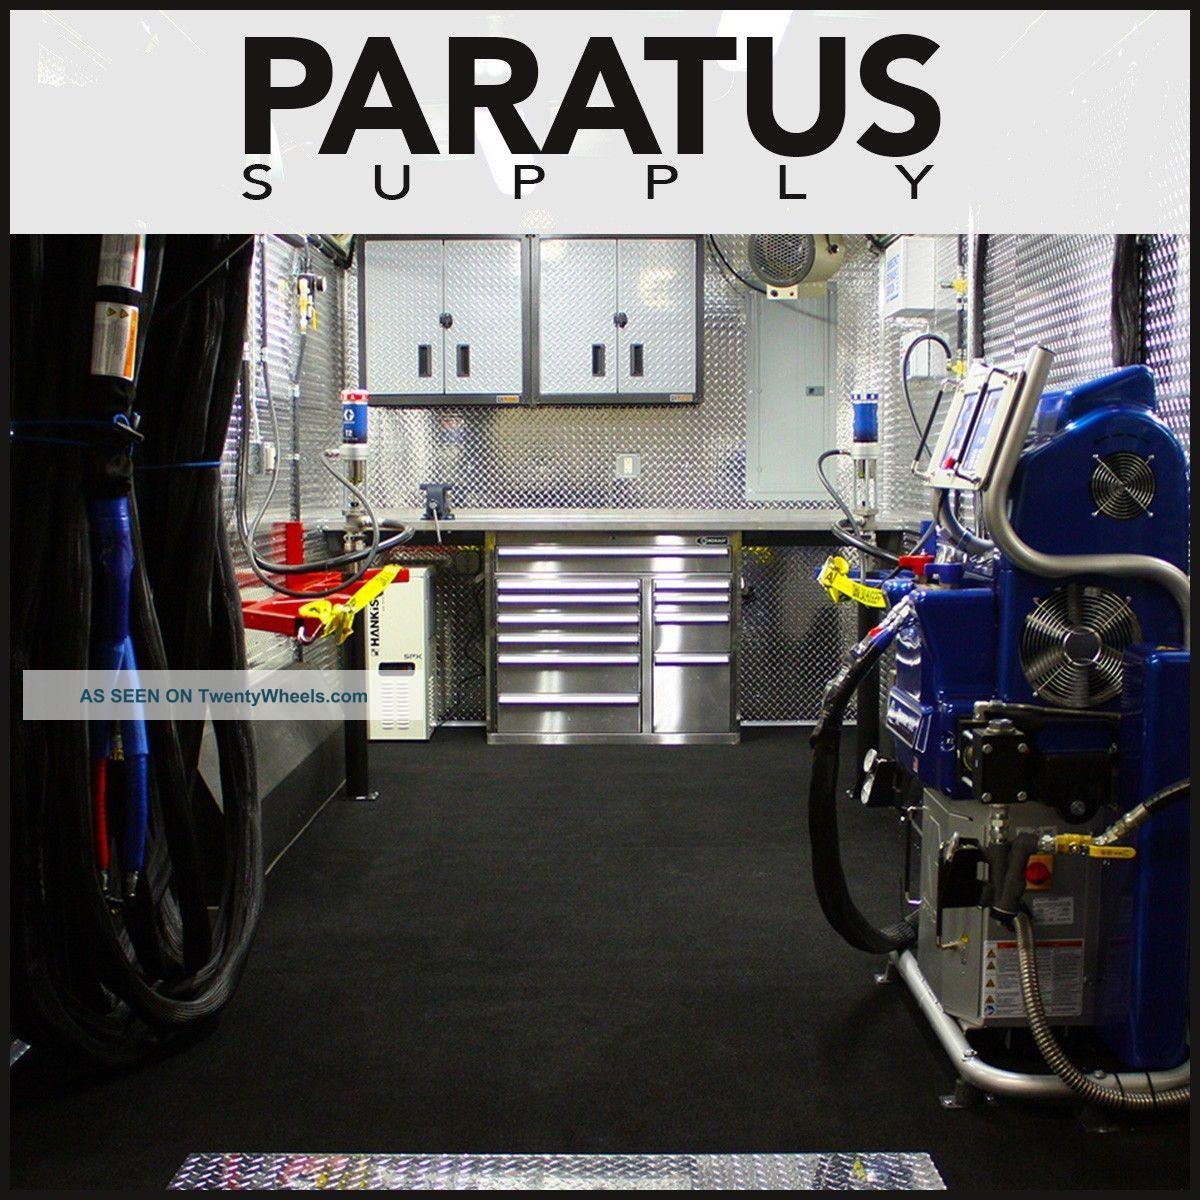 Spray Foam Rig - The Xtr3 Spray Foam Rig By Paratus - 30 ' Turn - Key 3 Set Rig Insulation photo